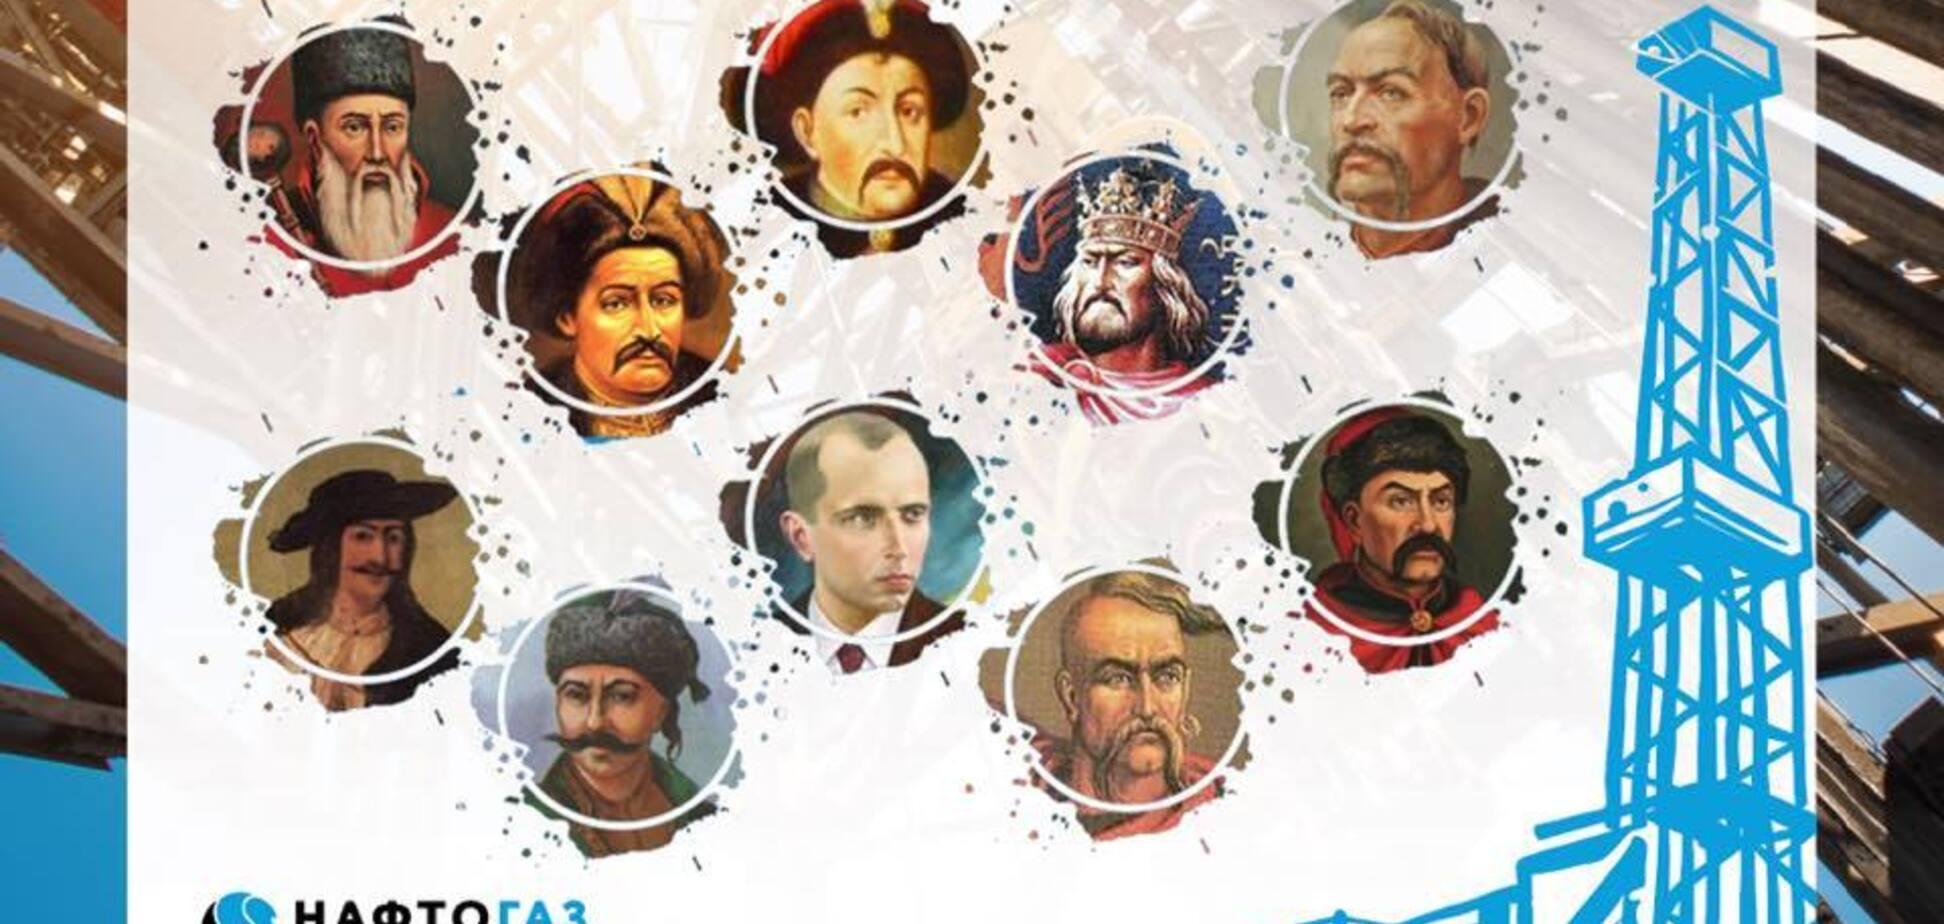 ''Пробурять прямо в пекло'': українські свердловини в честь Бандери і Мазепи розлютили росіян